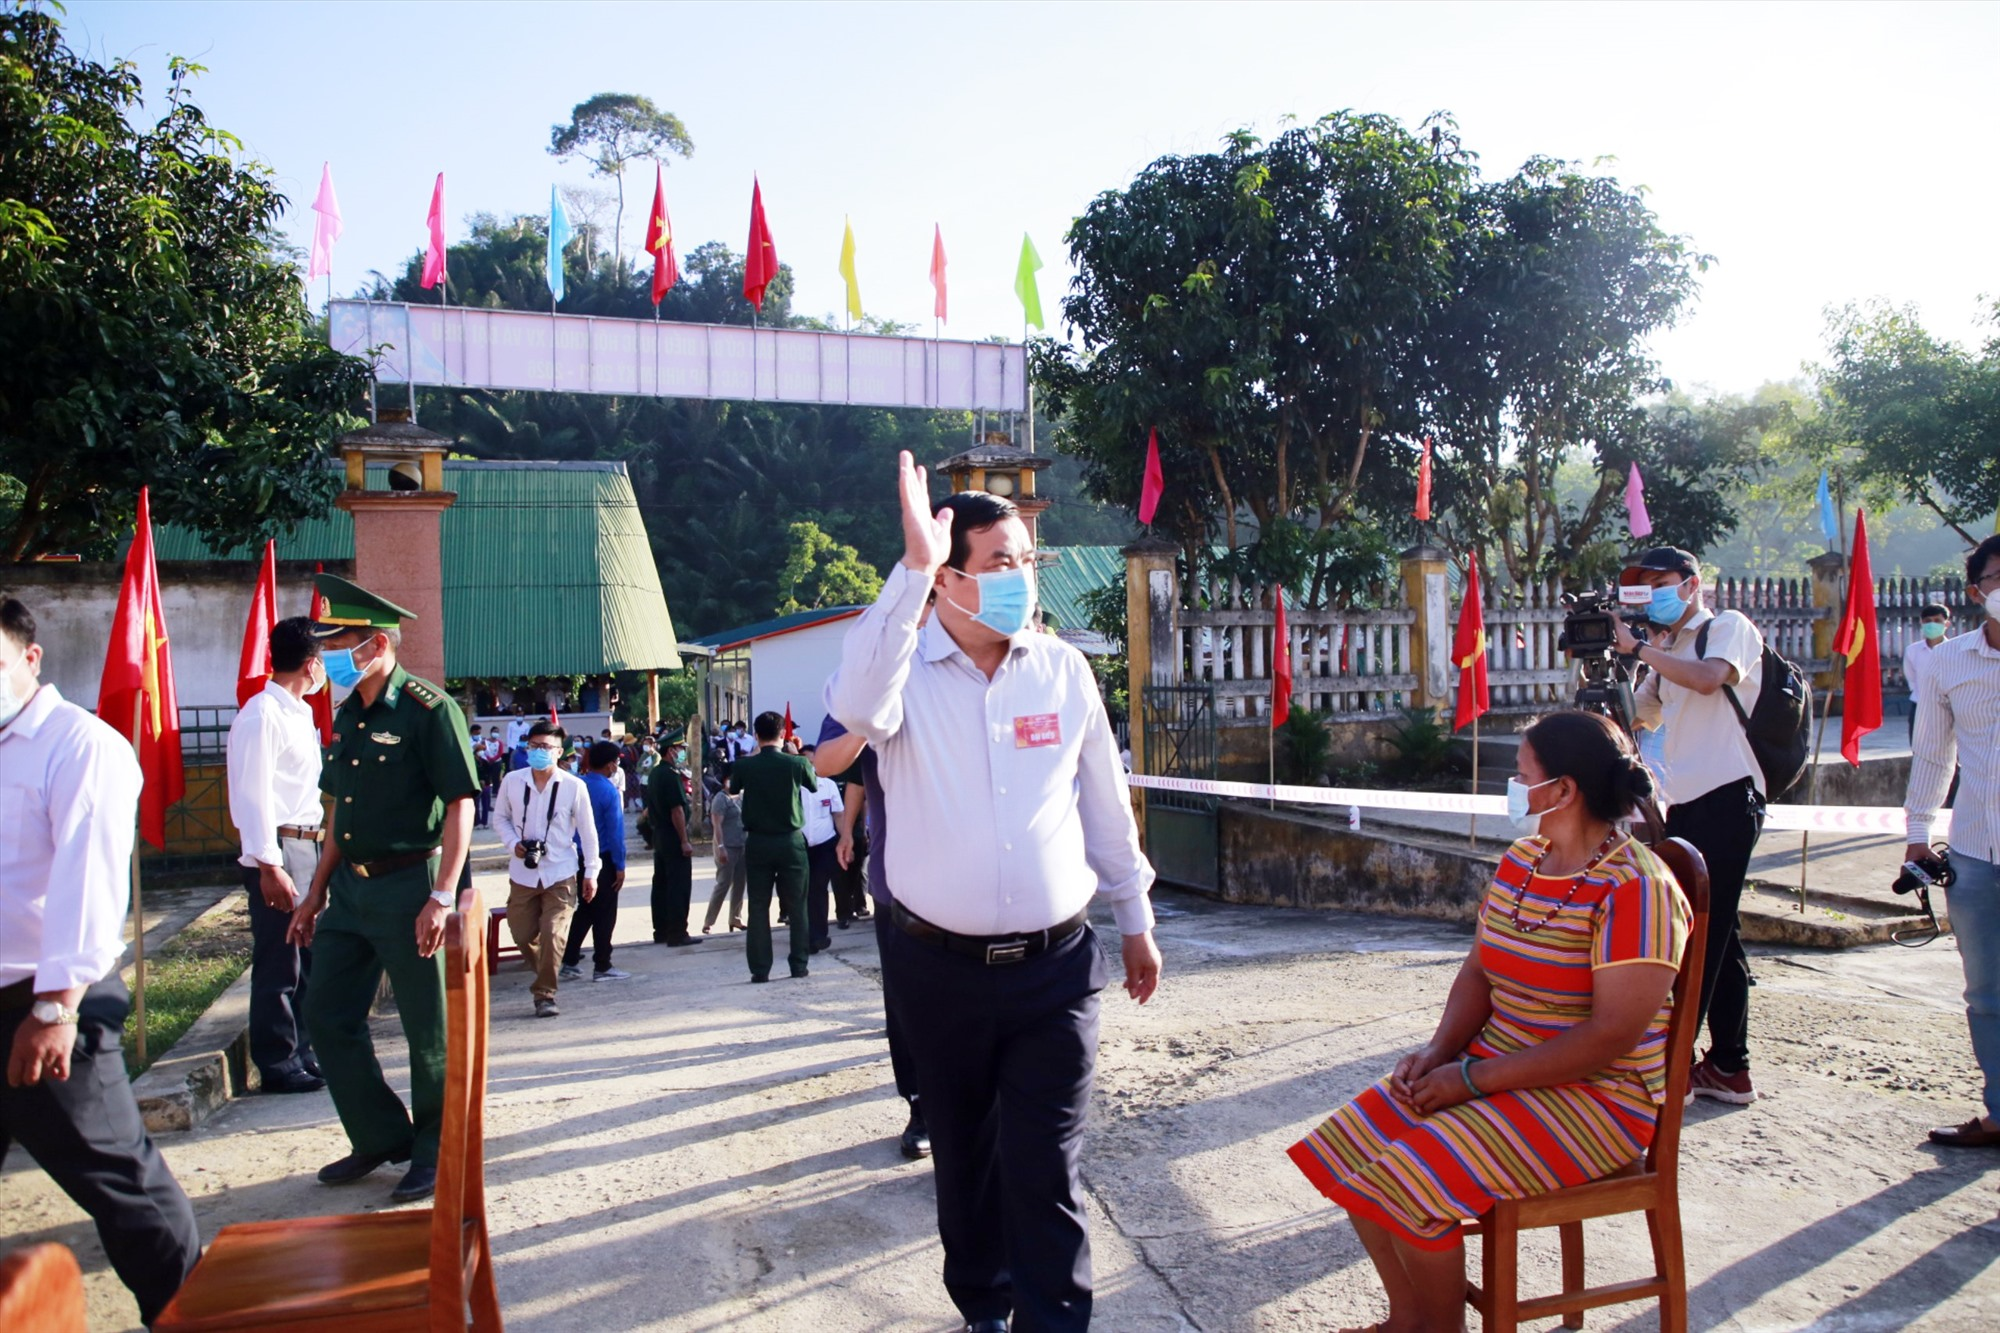 Bí thư Tỉnh ủy Phan Việt Cường có mặt từ rất sớm tại khu vực bỏ phiếu số 2, xã La Êê, thân mật chào hỏi các cử tri đến sớm.